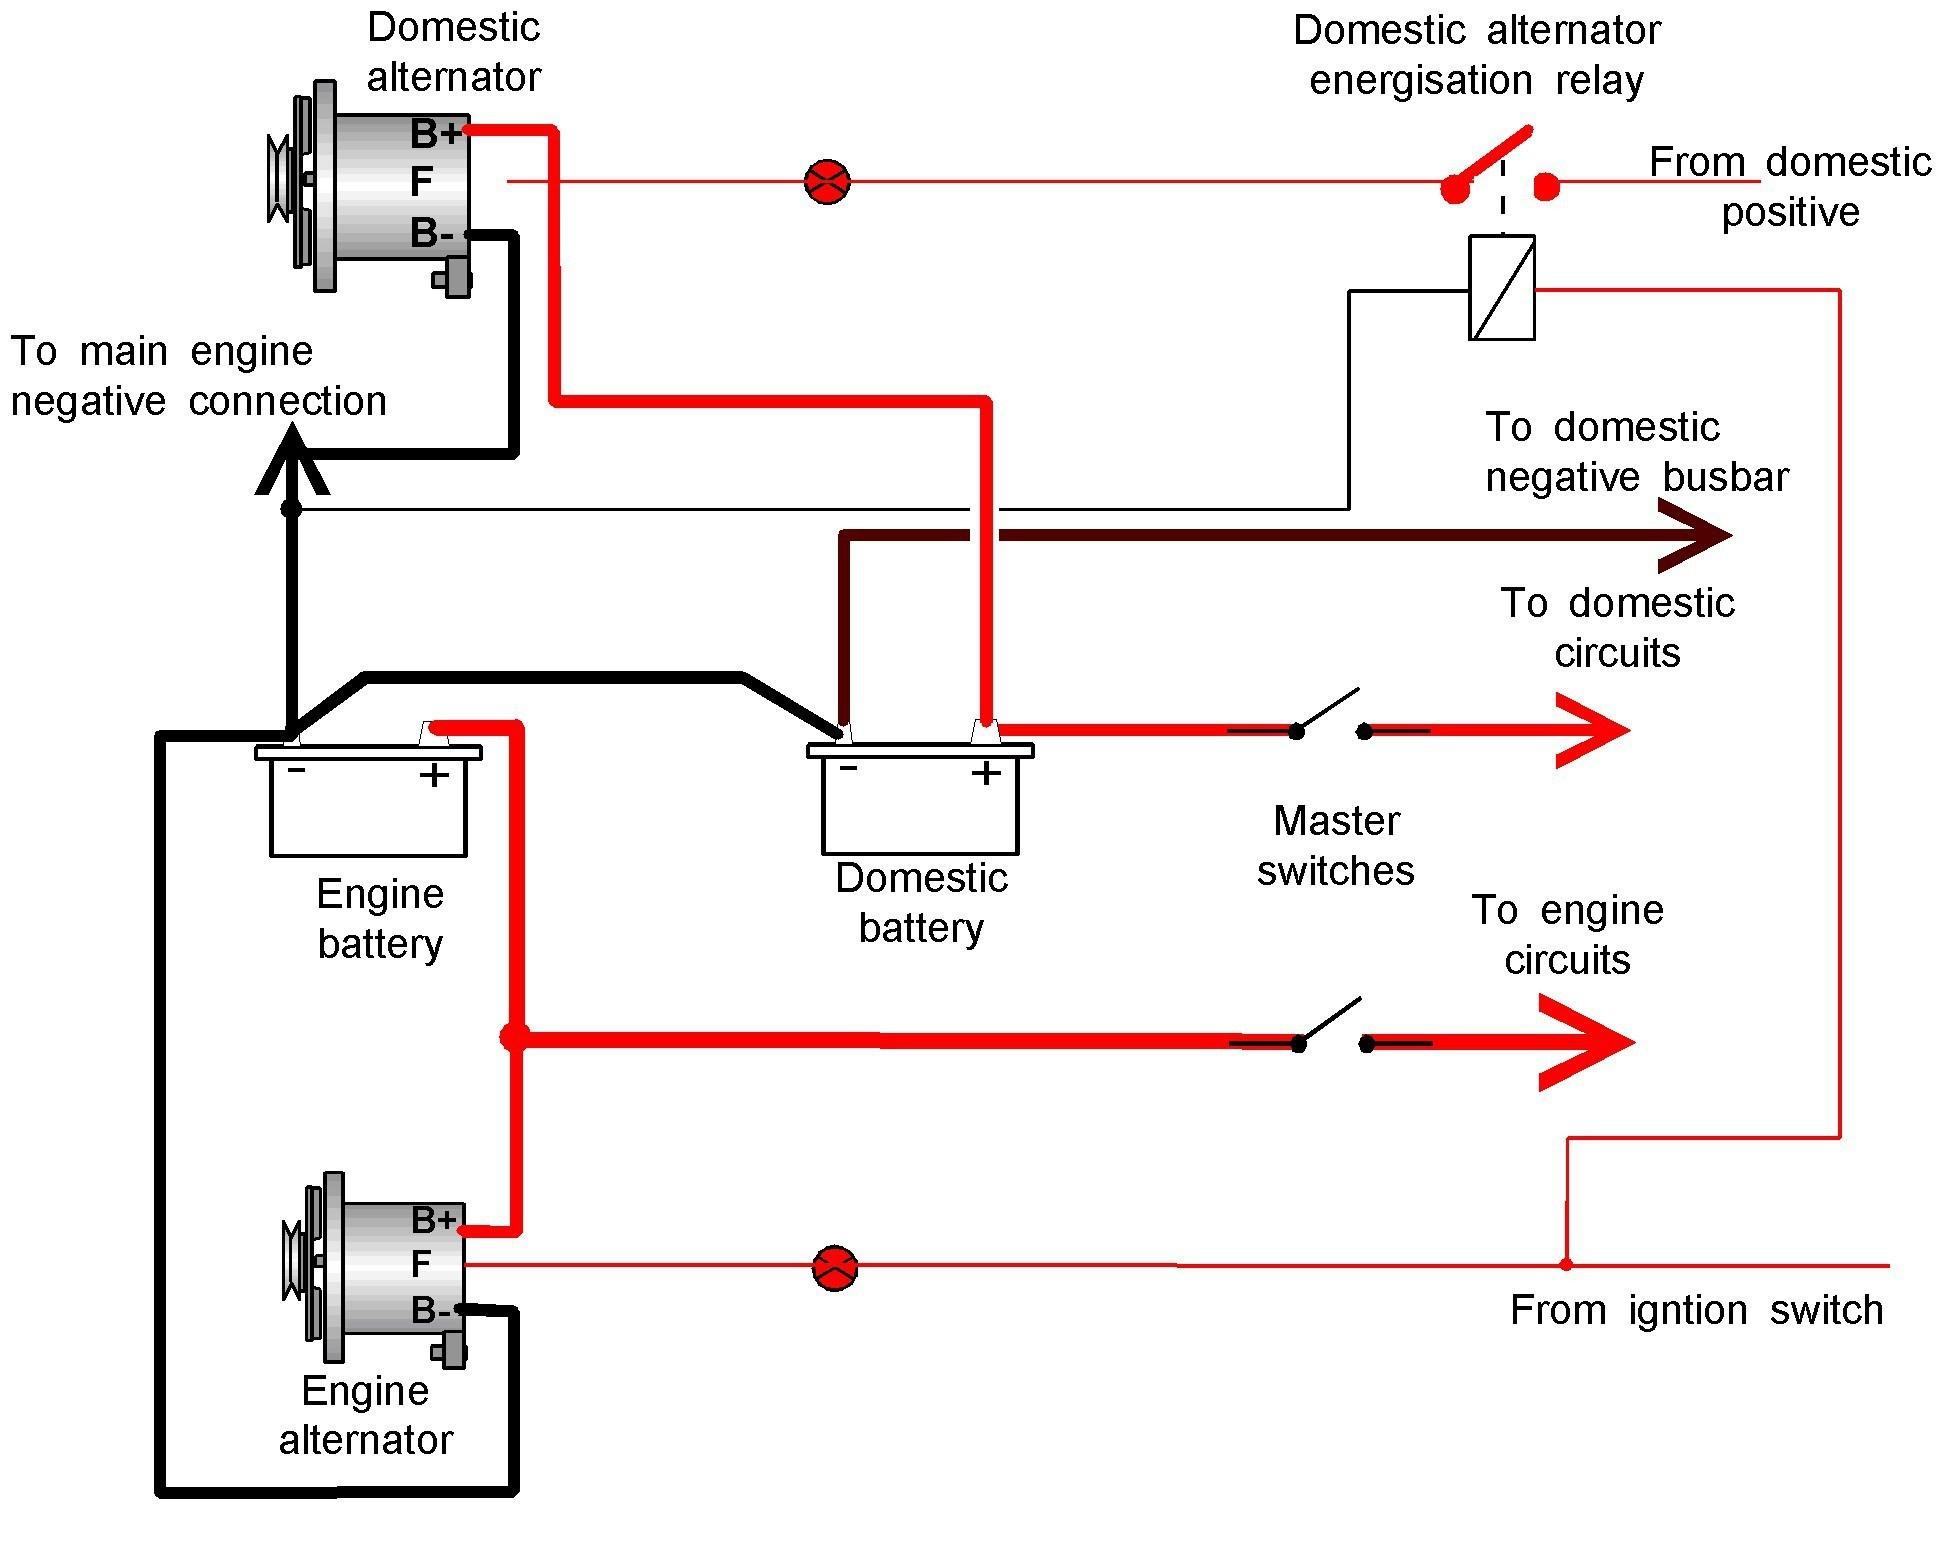 Denso Wiring Diagram - 1980 Honda Cx500 Wiring Diagram - wiring -car-auto4.bmw1992.warmi.frWiring Diagram Resource